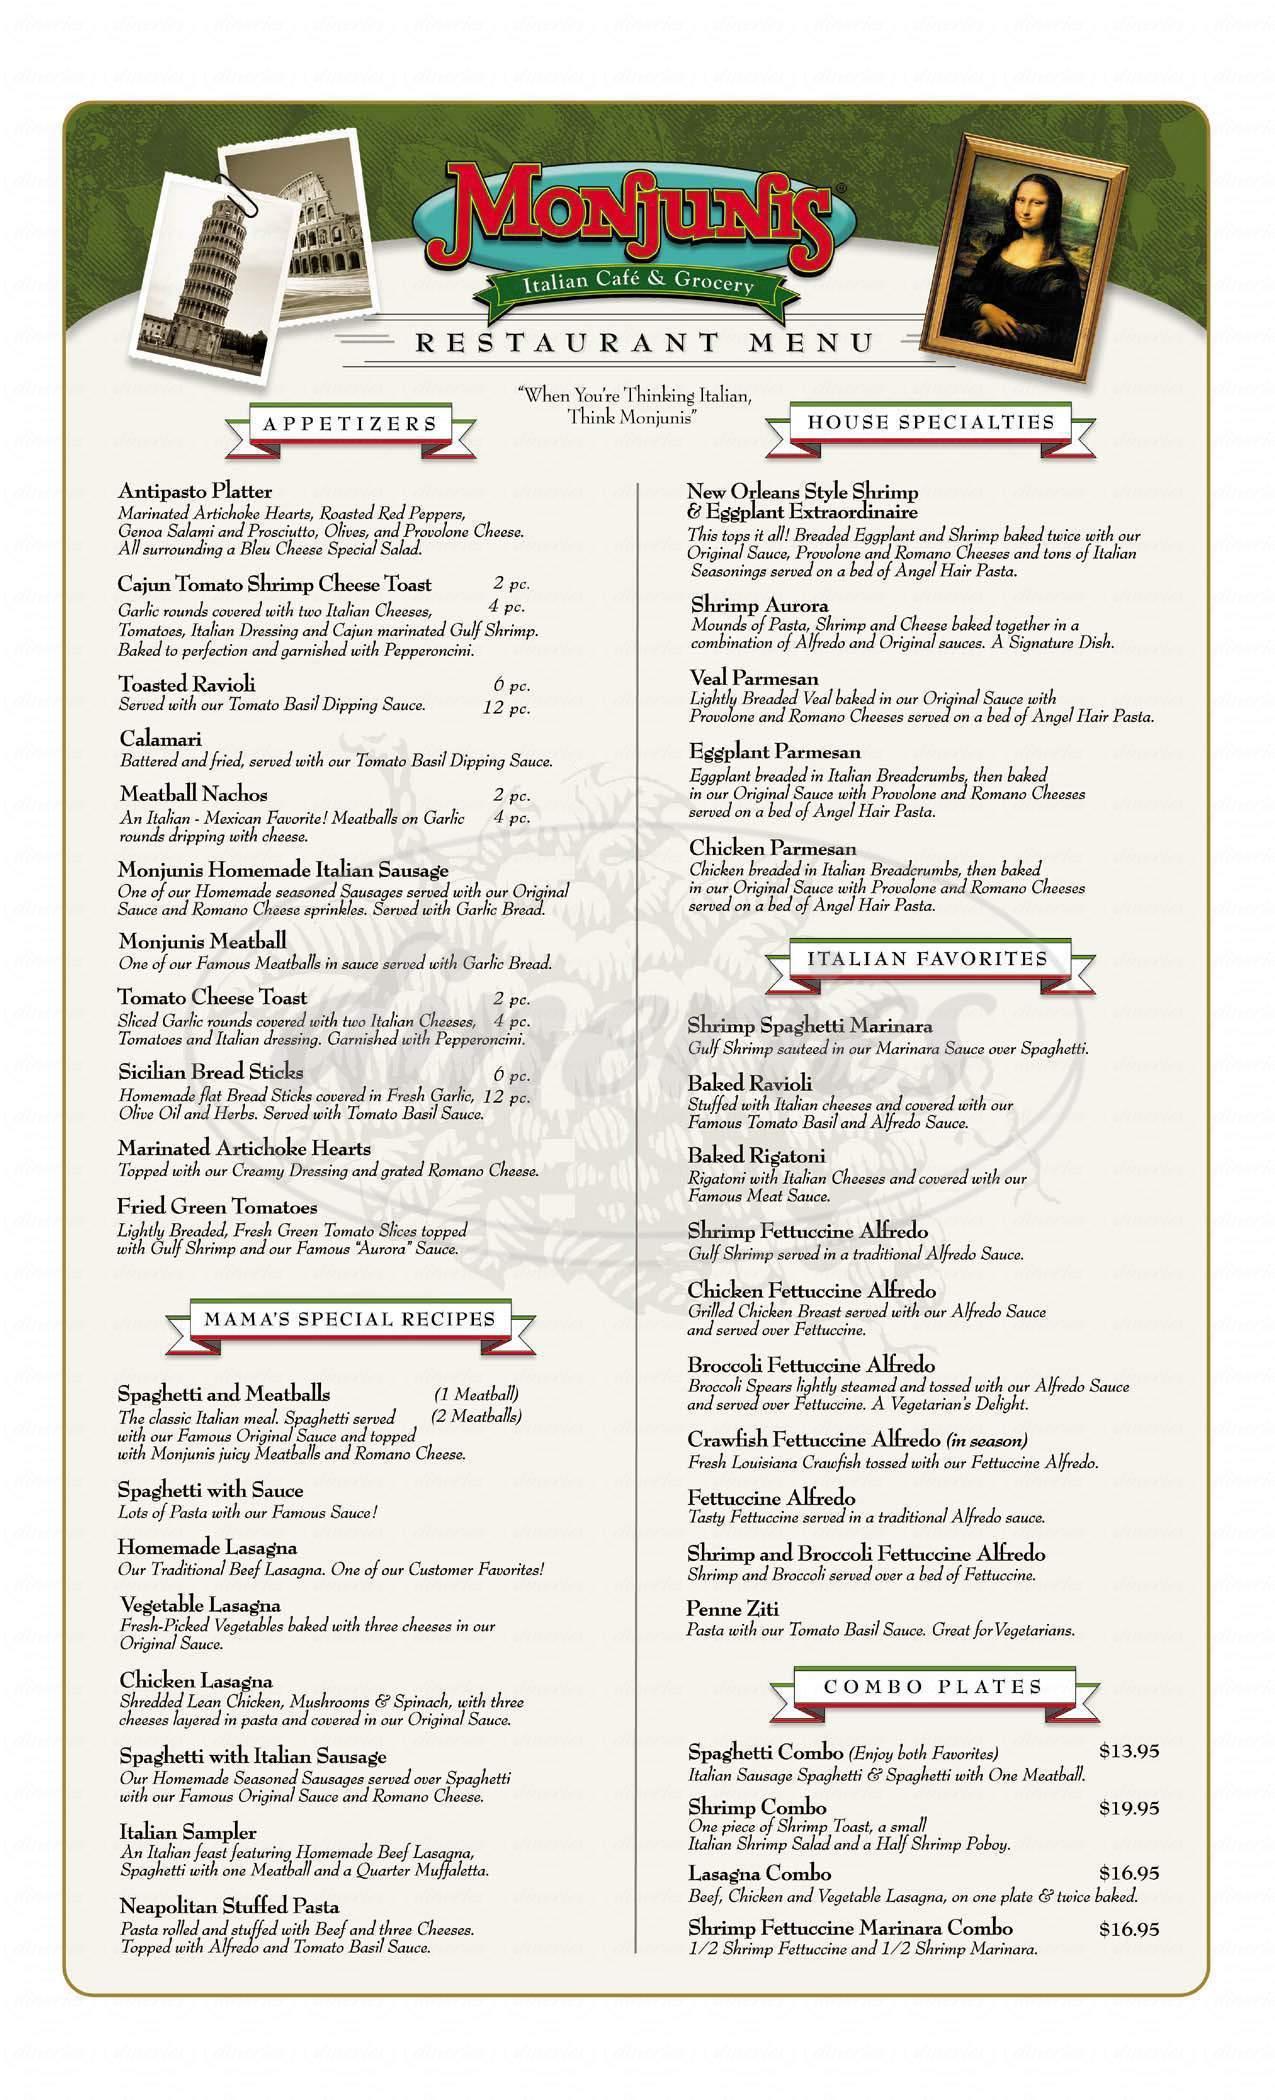 menu for Monjuni's